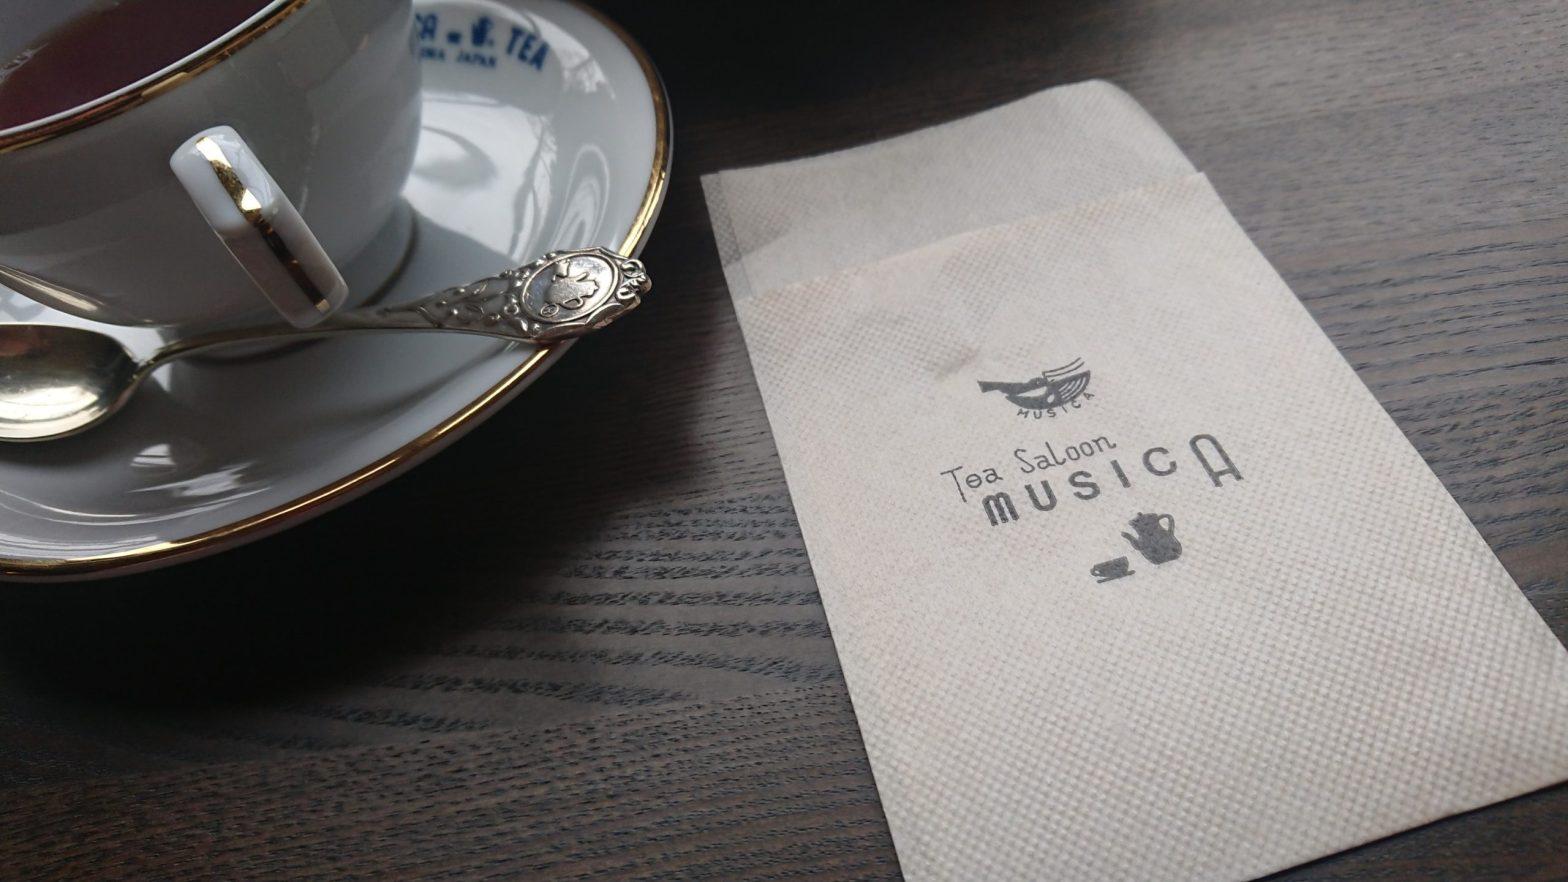 ロゴがプリントされた紙ナプキン。Tea Saloon MUSICA 旧宮塚住宅にて。